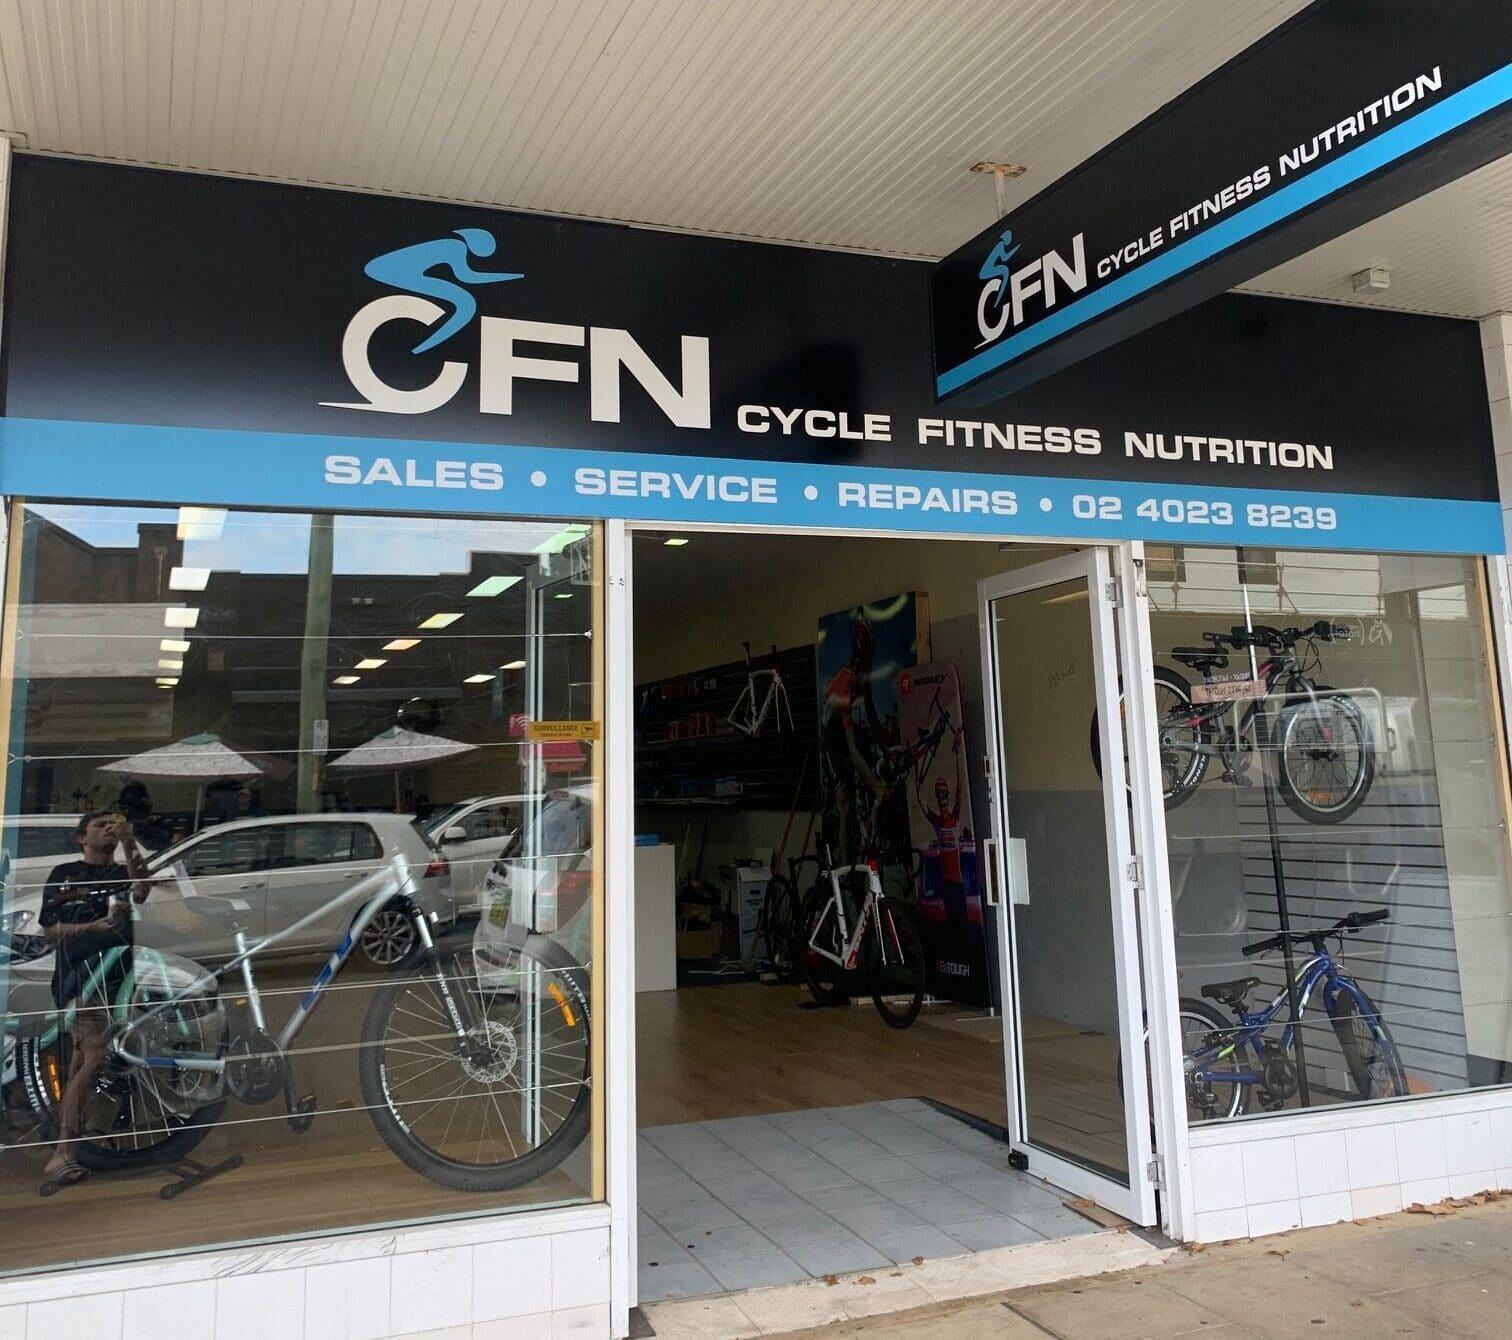 CFN at 267 Brunker Road Adamstown